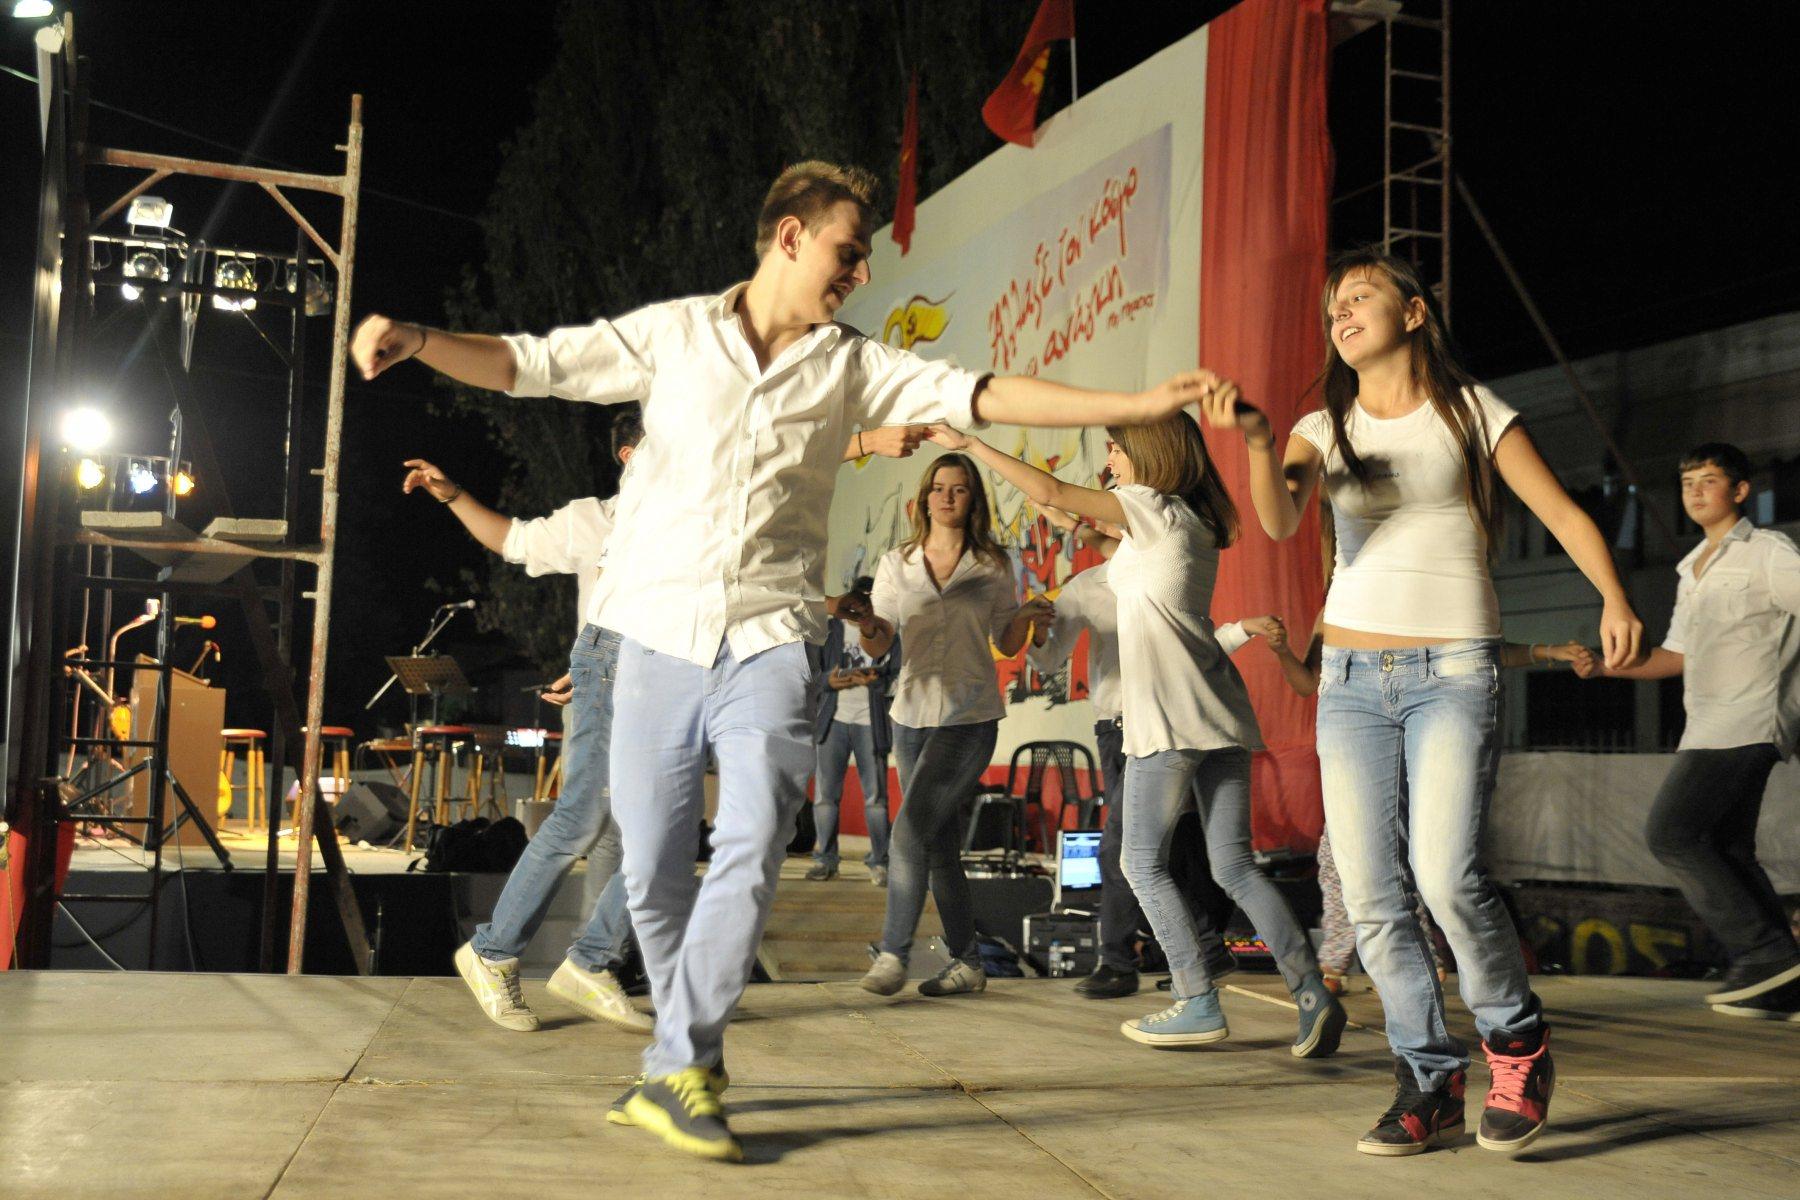 Πολλές εκδηλώσεις στο διήμερο φεστιβάλ της ΚΝΕ (φωτό)